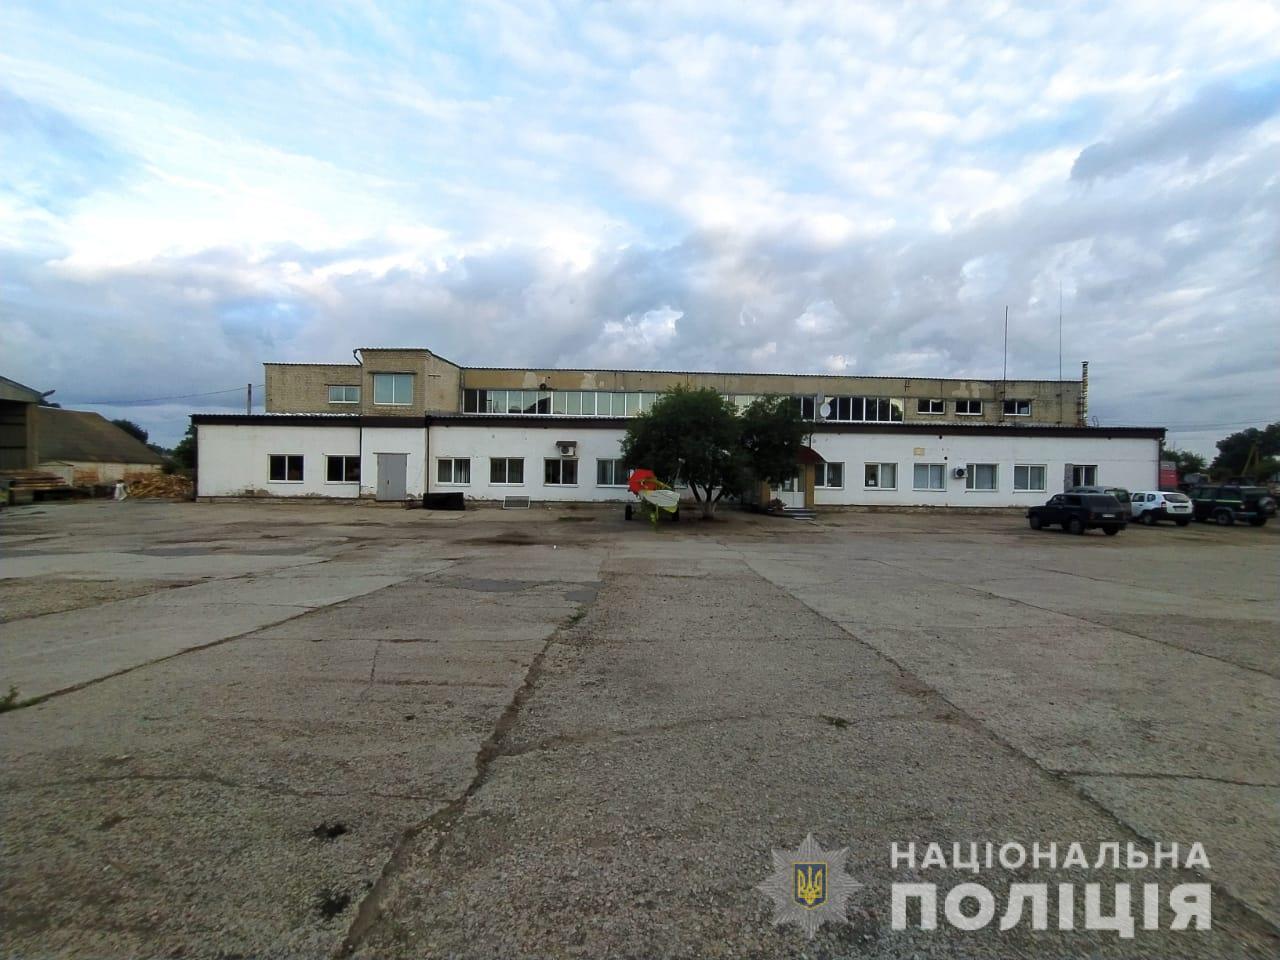 Пятеро неизвестных в балаклавах напали на сельскохозяйственное предприятие на Харьковщине (фото)